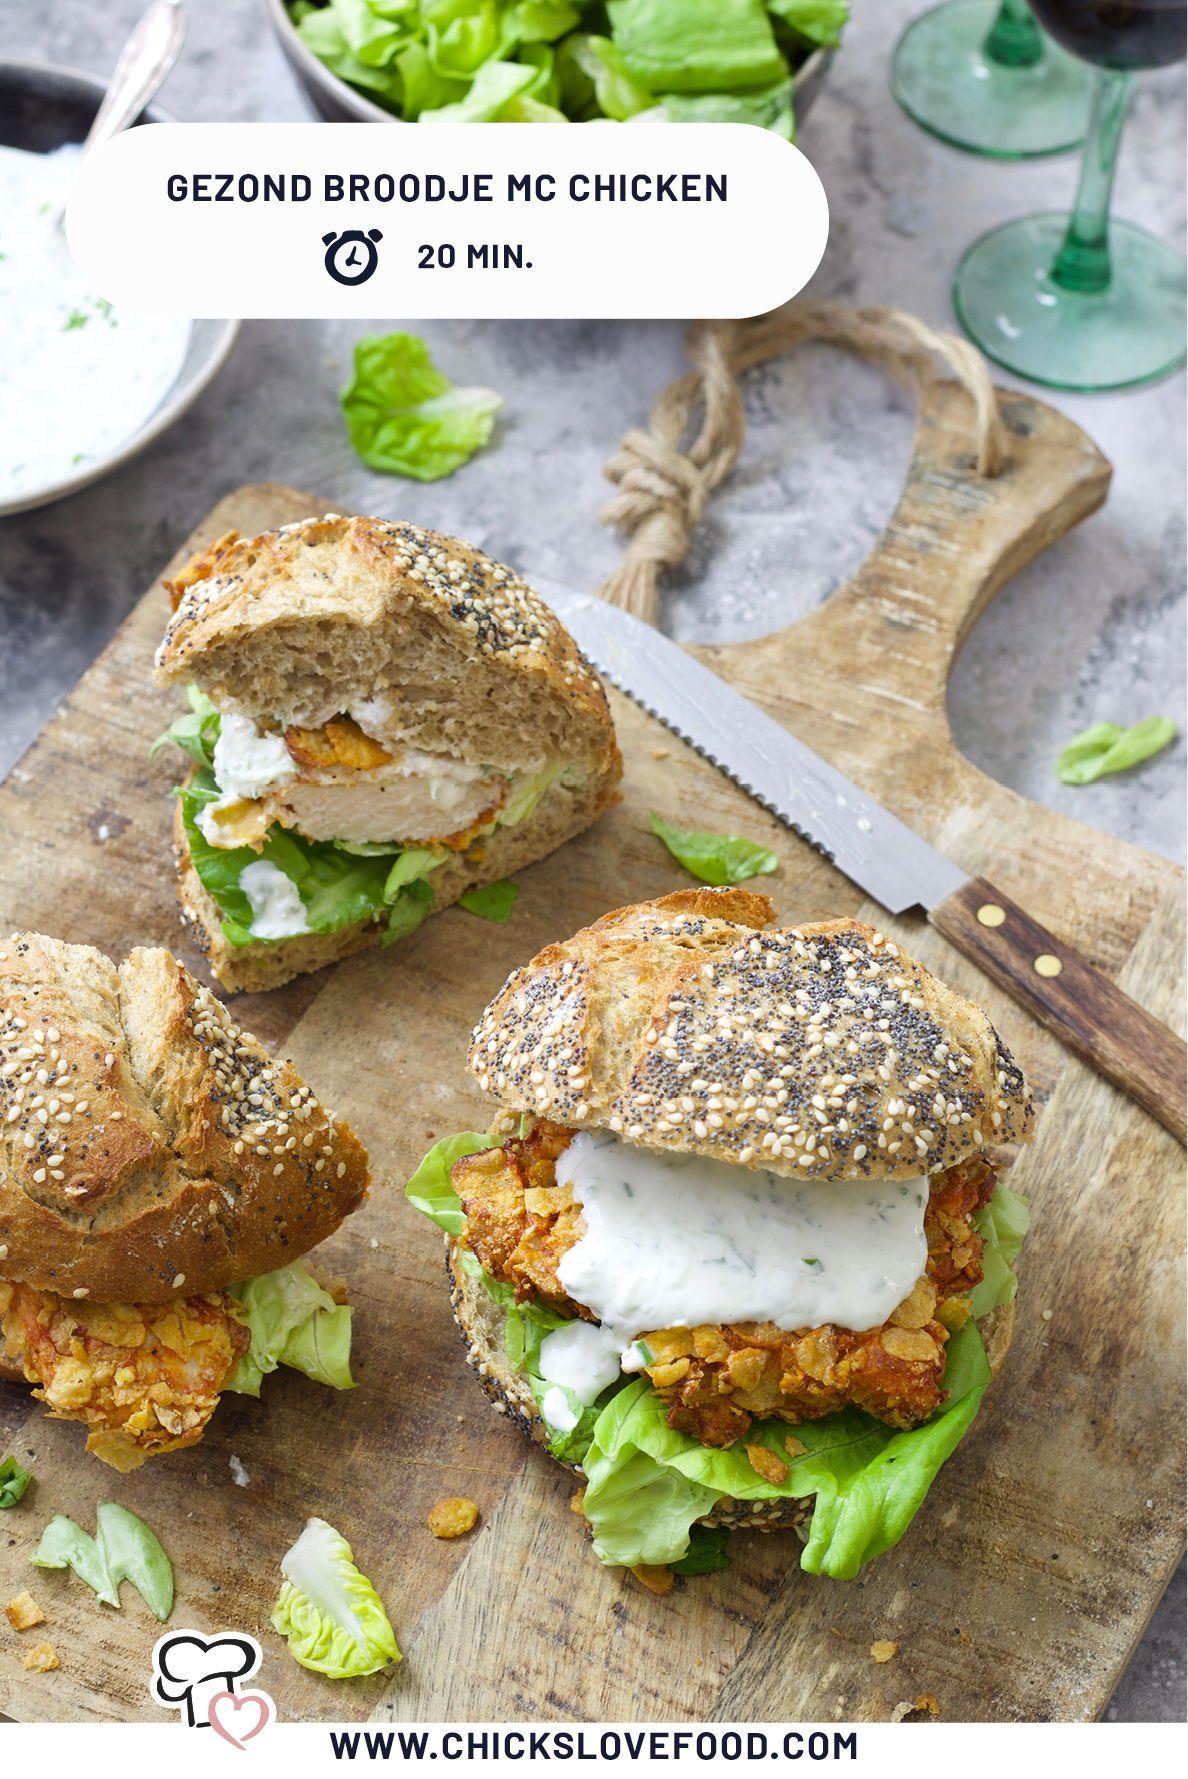 Gezond broodje mc chicken - Chickslovefood #gezondeten